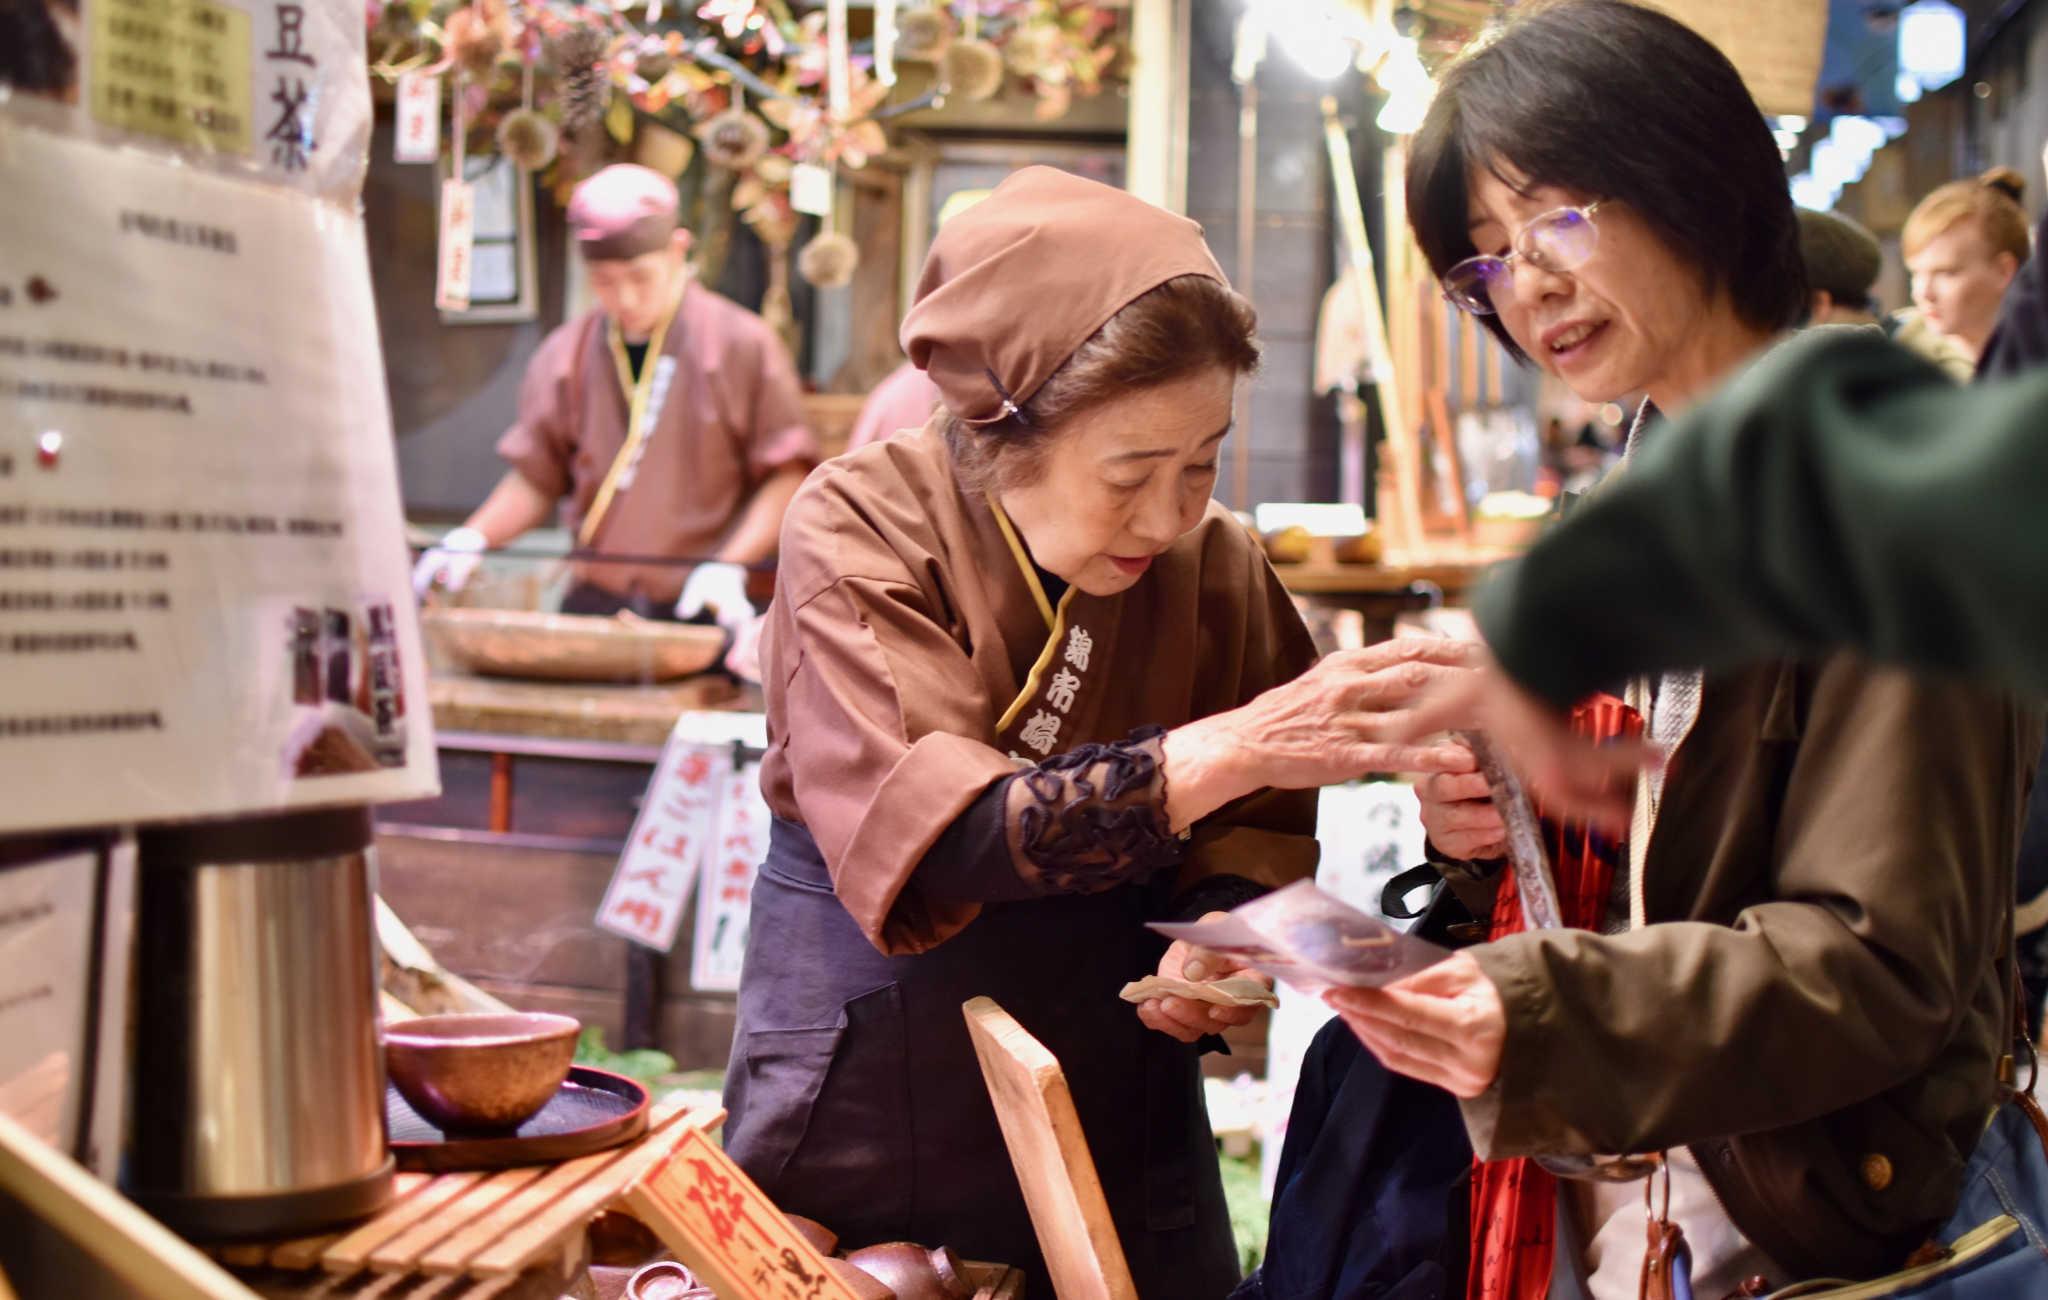 Les japonais viennent y faire leurs courses pour préparer les repas